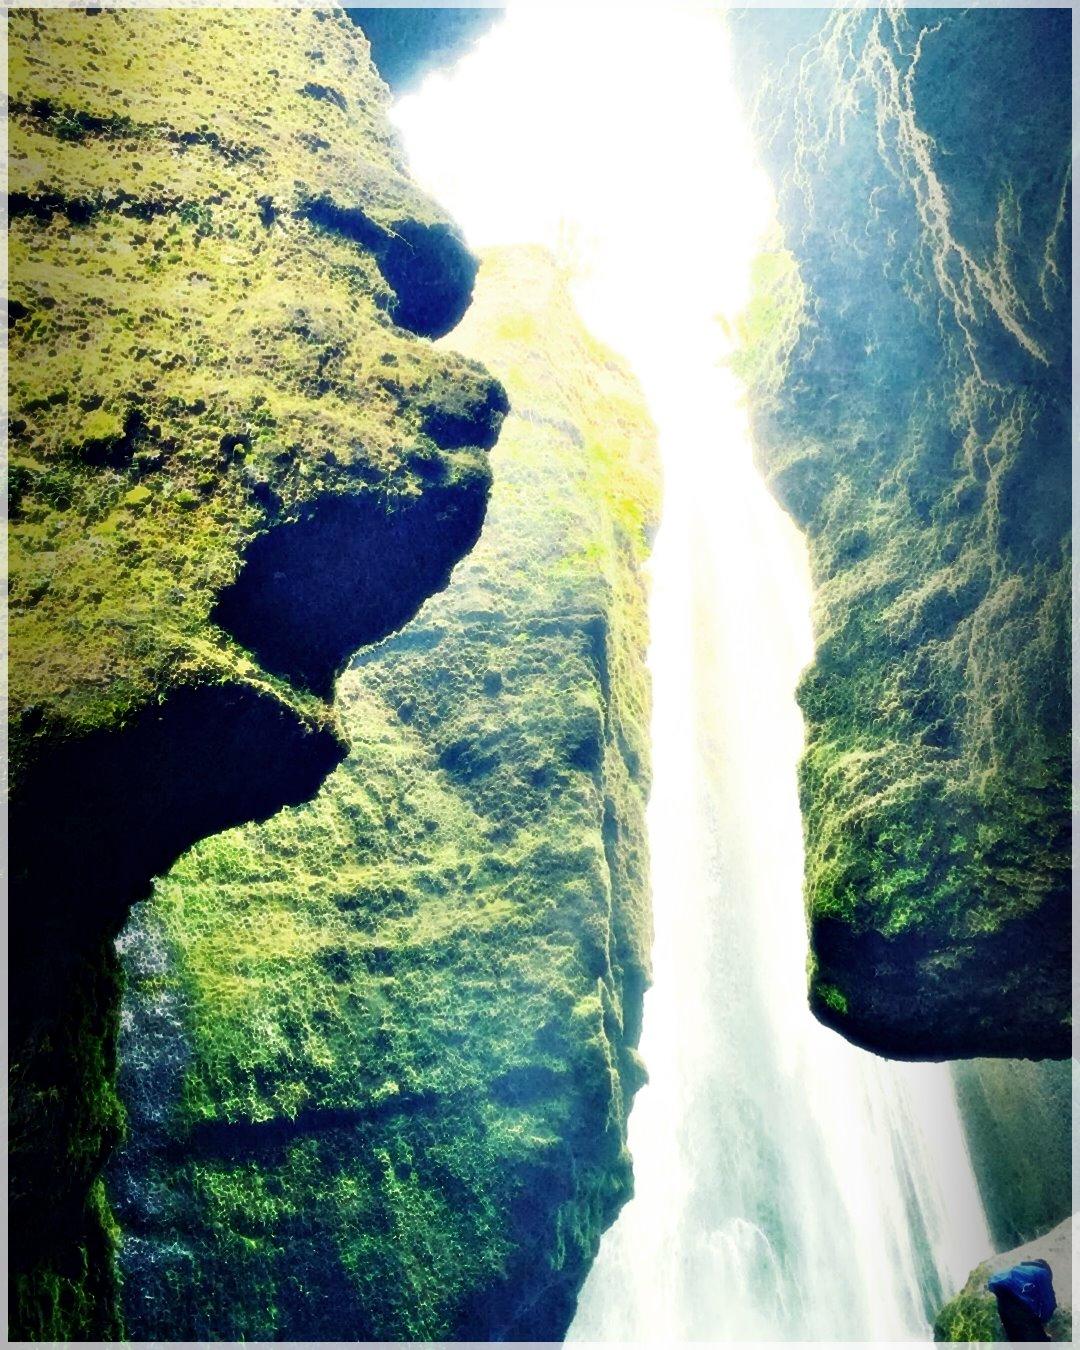 HikingAdventures-57525915097